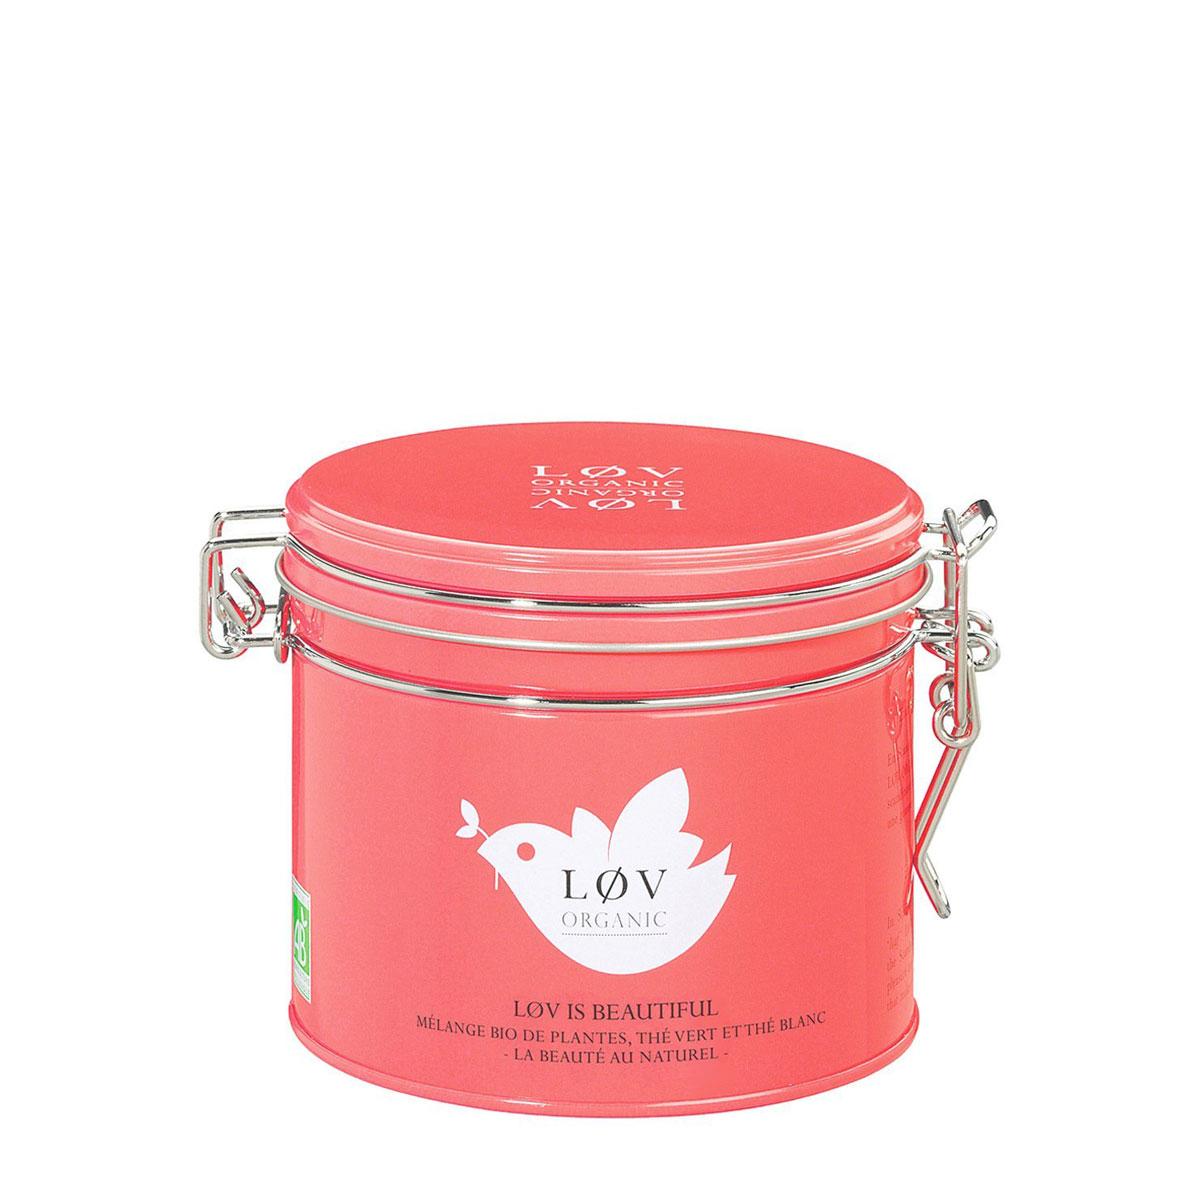 Løv is Beautiful - Mischung aus Tees, Rooibos und gelben Früchten, aromatisiert von Løv Organic